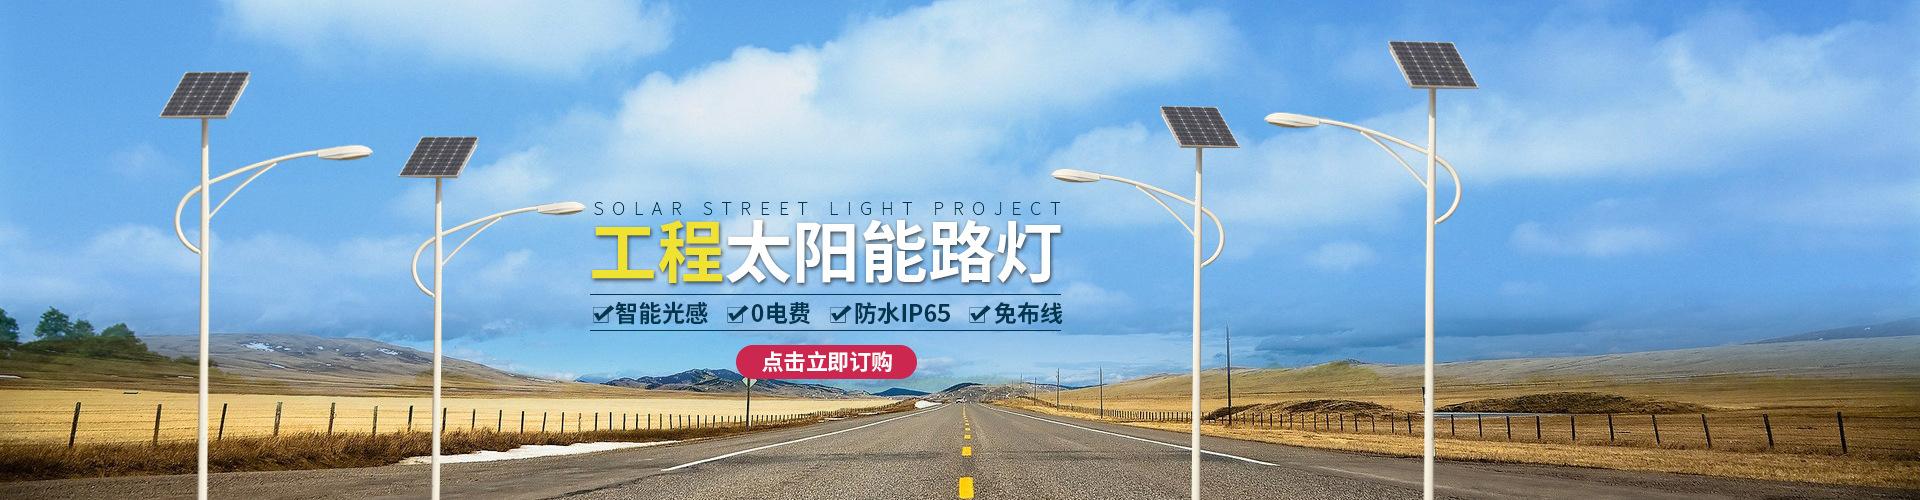 四川中晨智慧照明科技有限公司